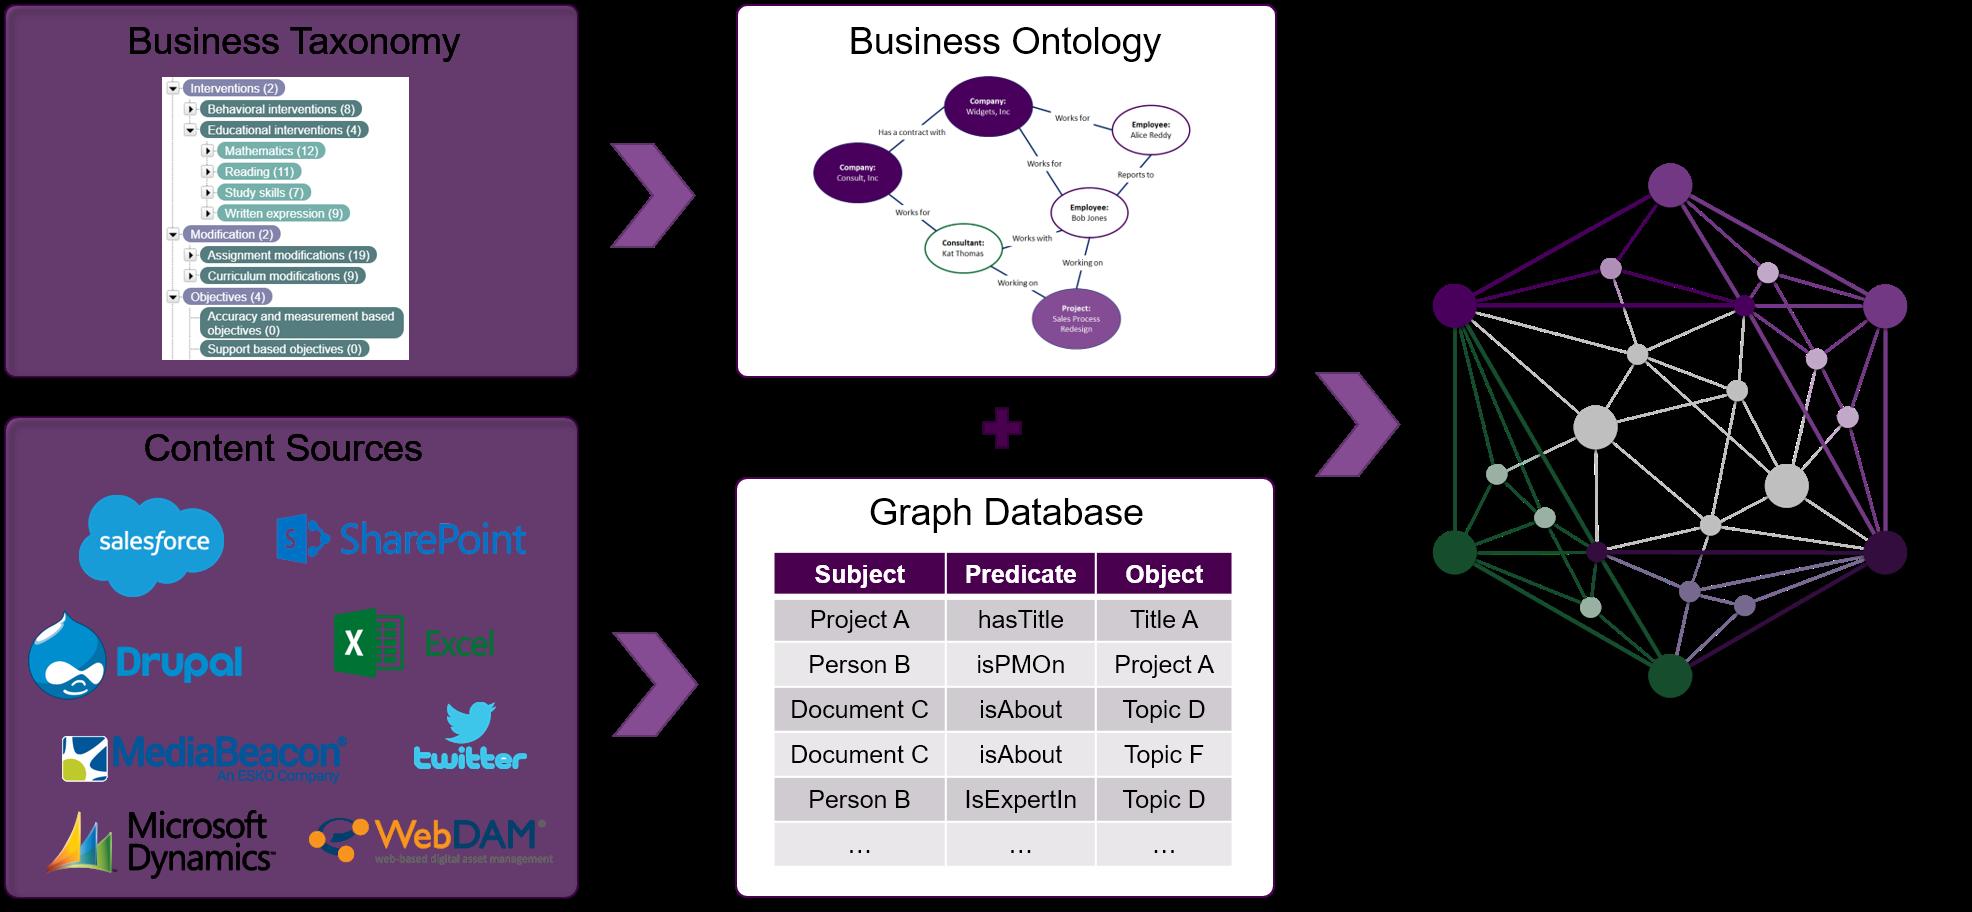 Enteprise knowledge graph diagram